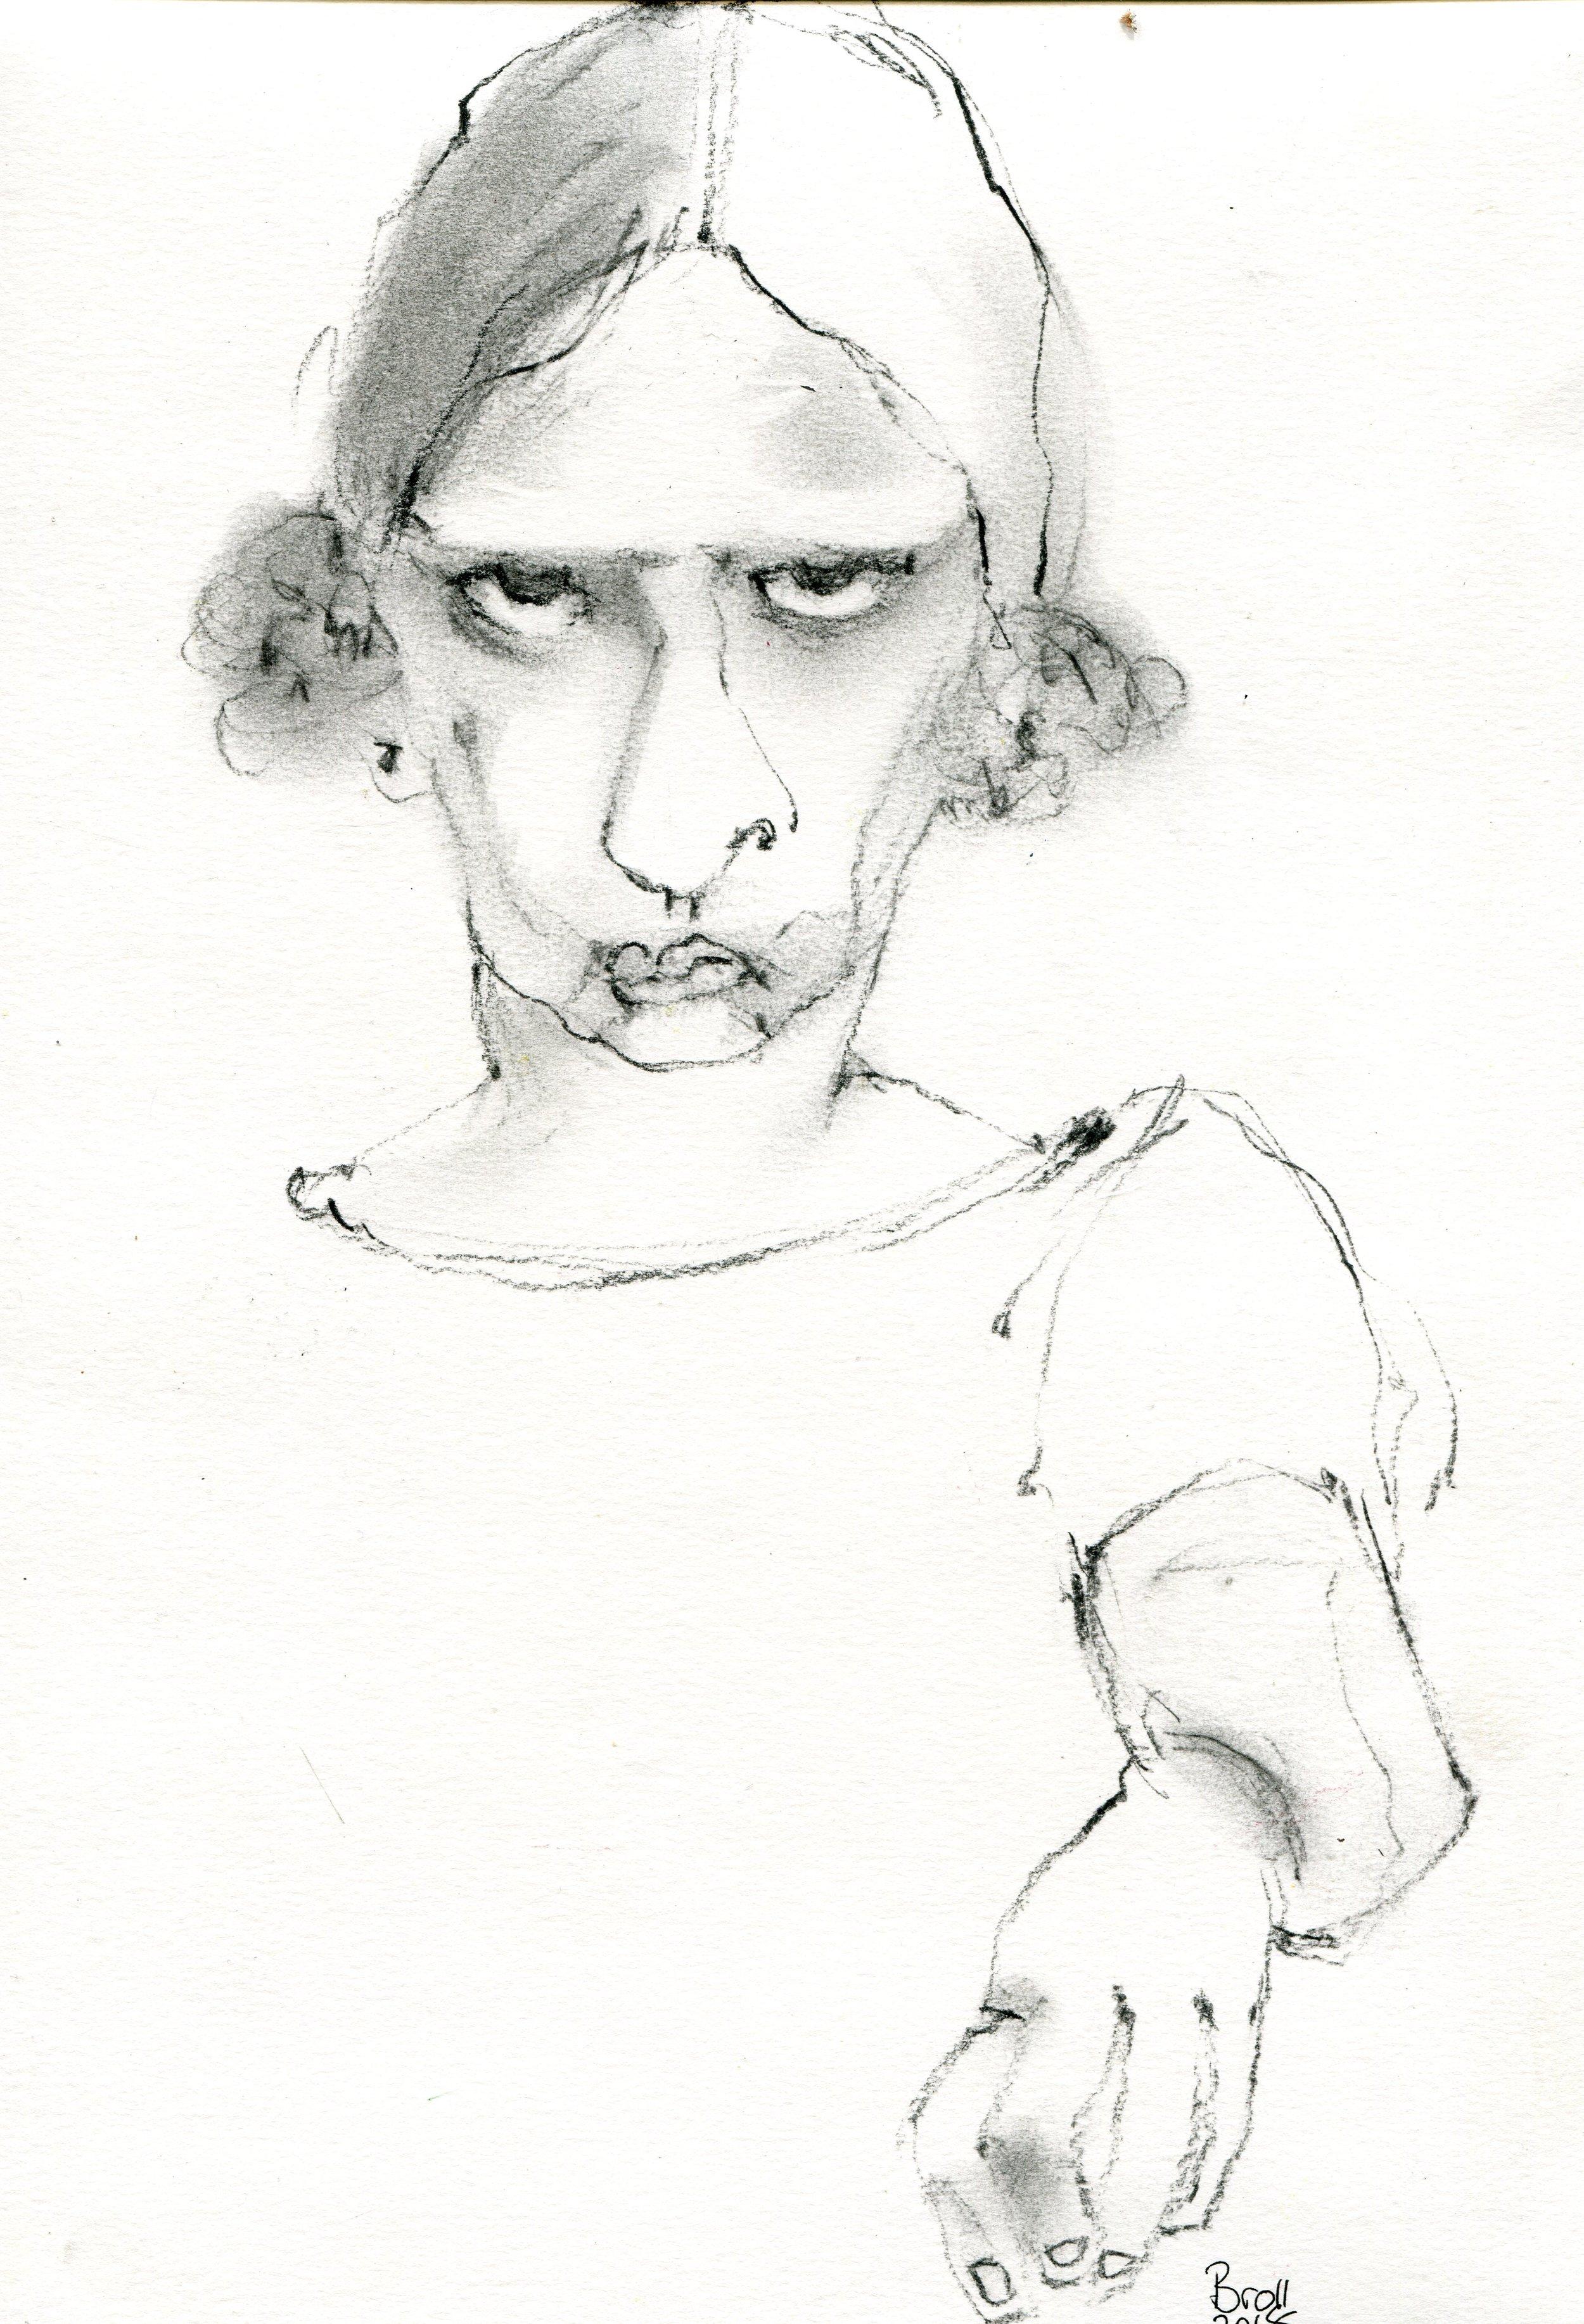 37b  Terri Broll  Girl  charcoal on paper